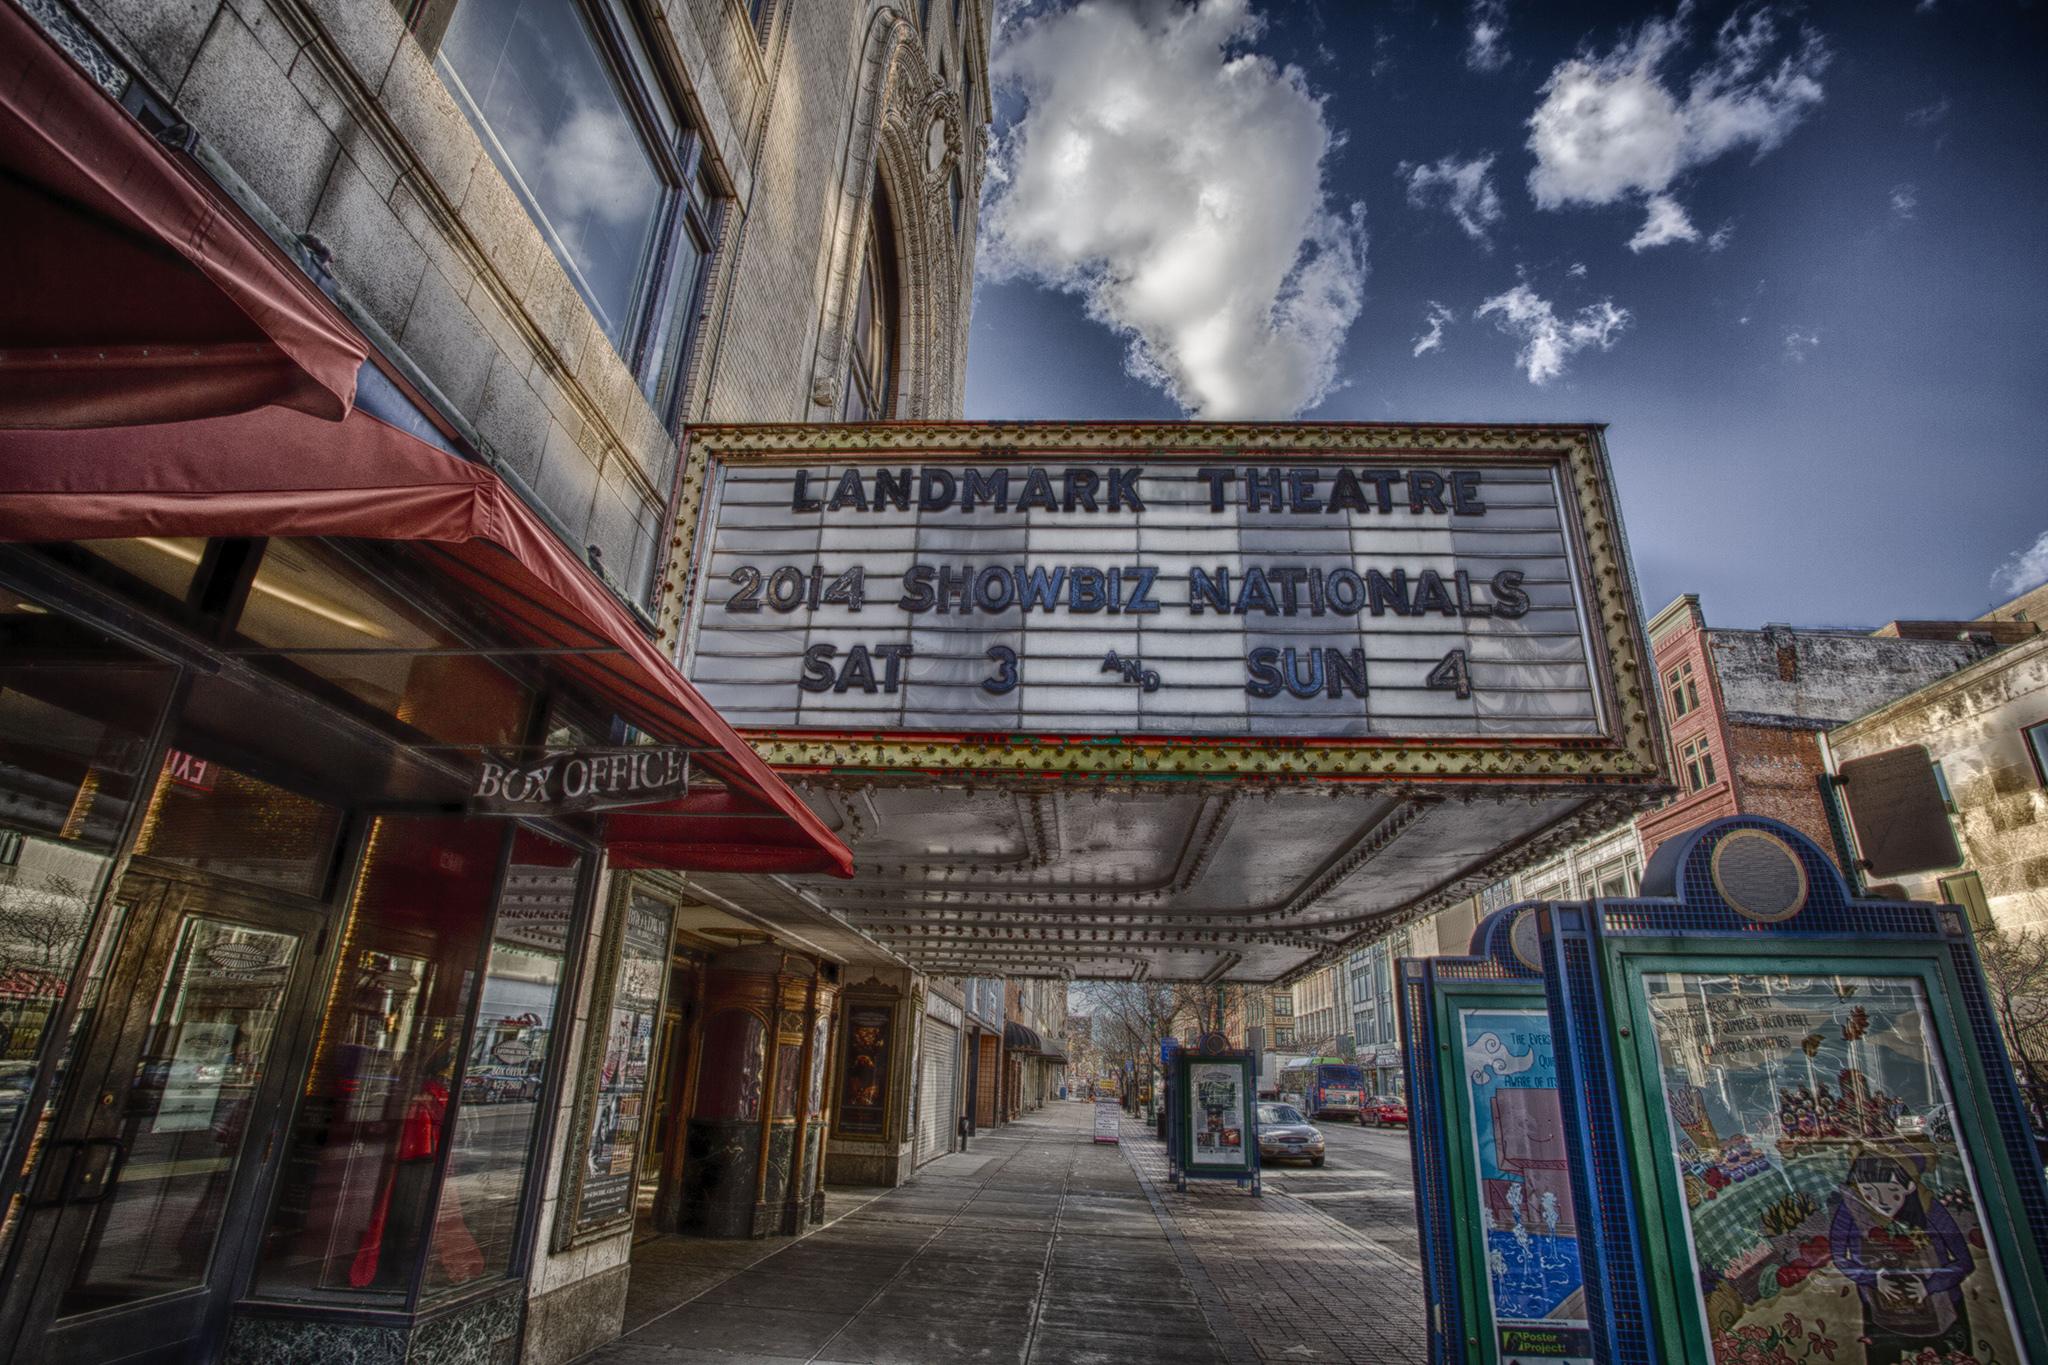 Landmark theater syracuse